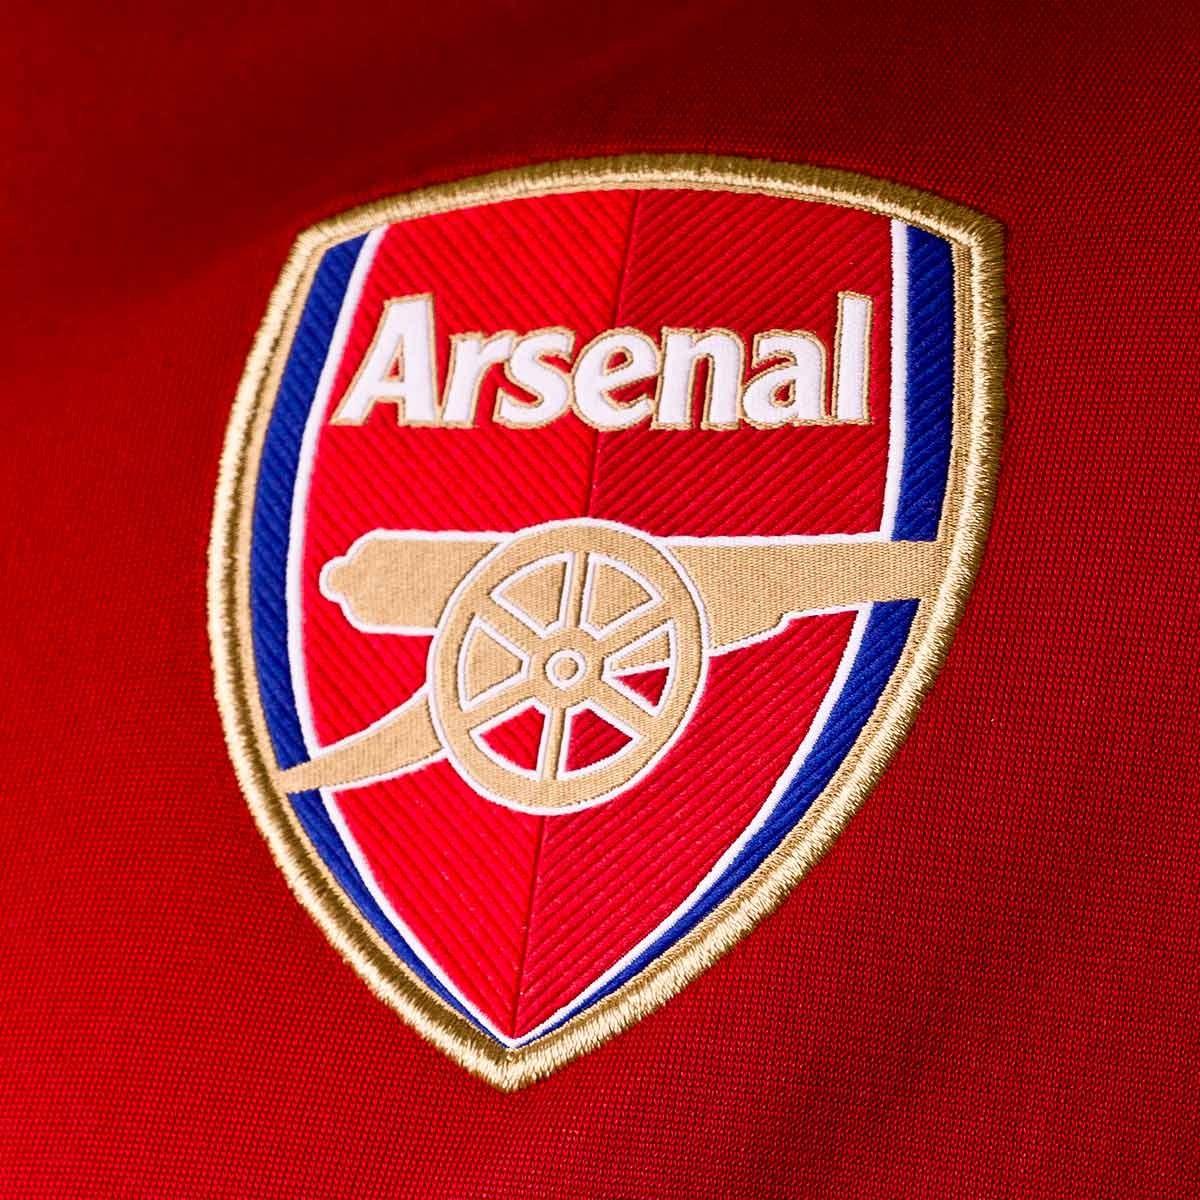 Guardian, il tifoso dell'Arsenal arrestato negli Emirati lancia un appello per i diritti civili